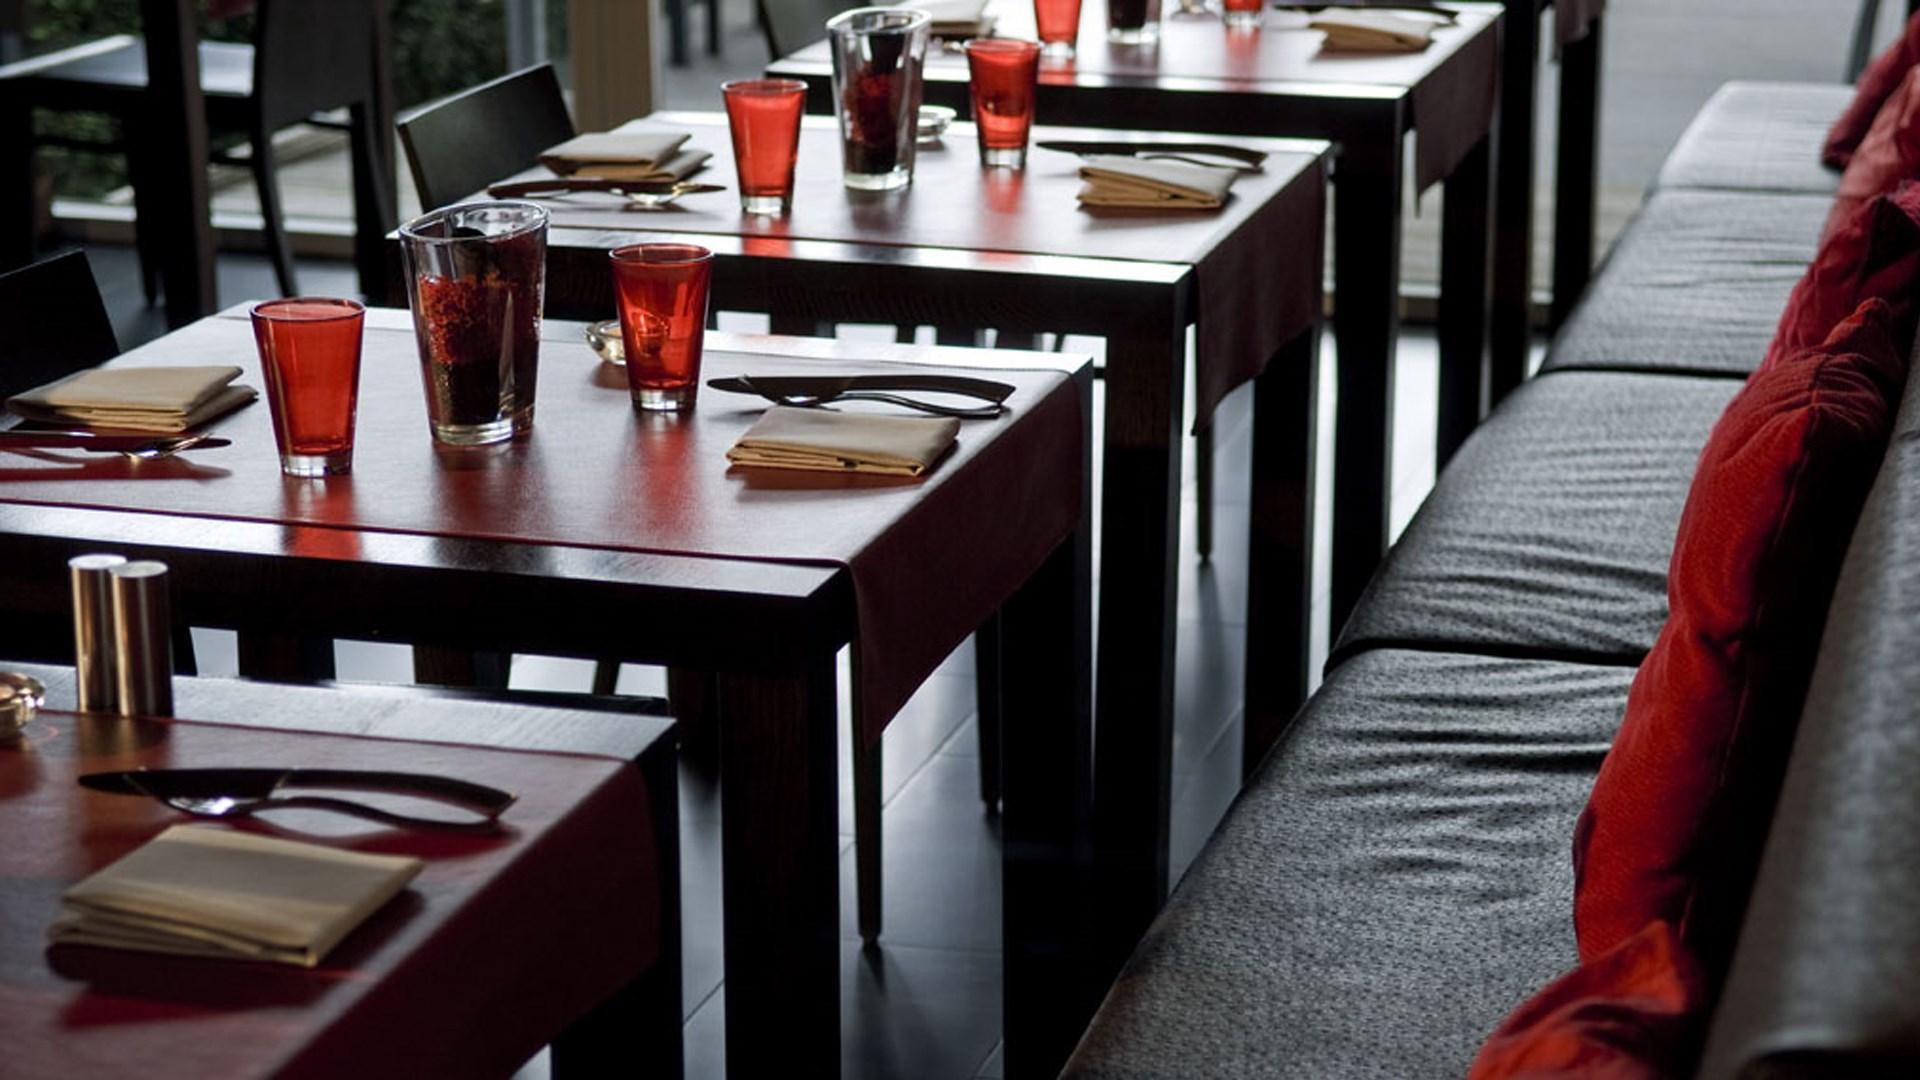 HOTEL ATLANTIS GENK ITALIAN LOVE FOR FOOD ARRANGEMENT